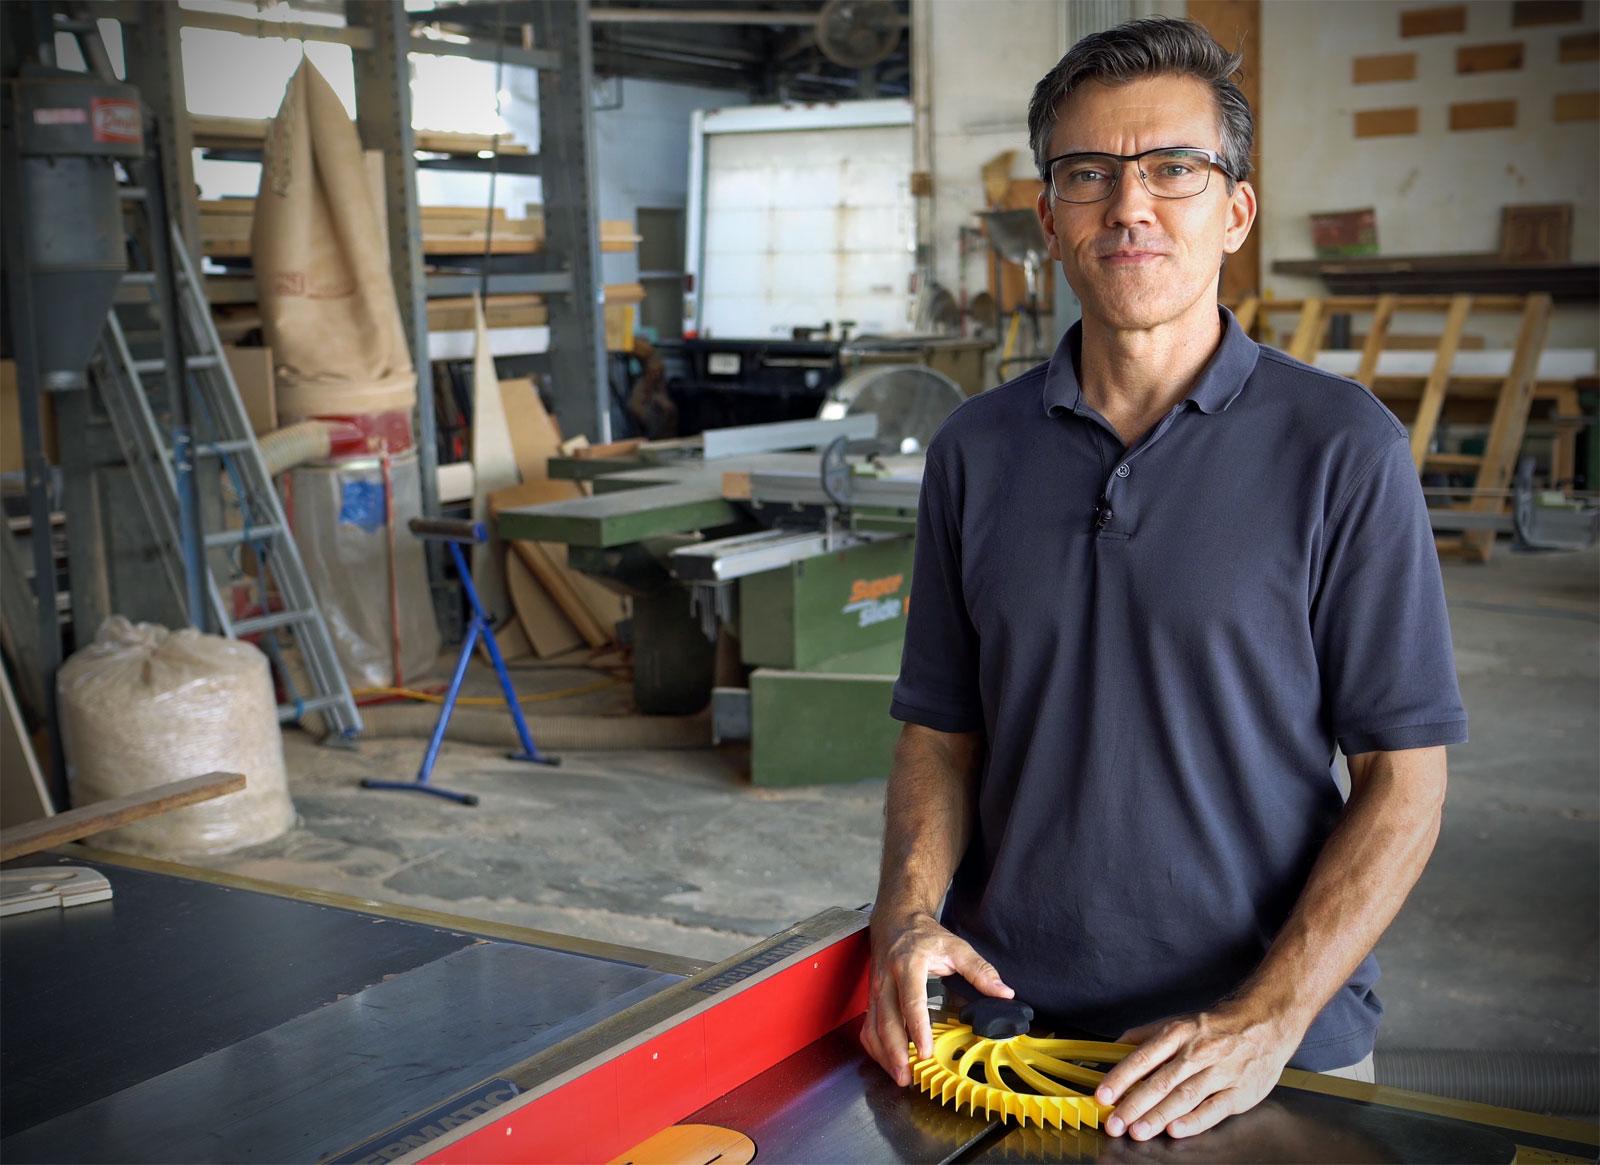 Brett Burdick Hedgehog designer inventor